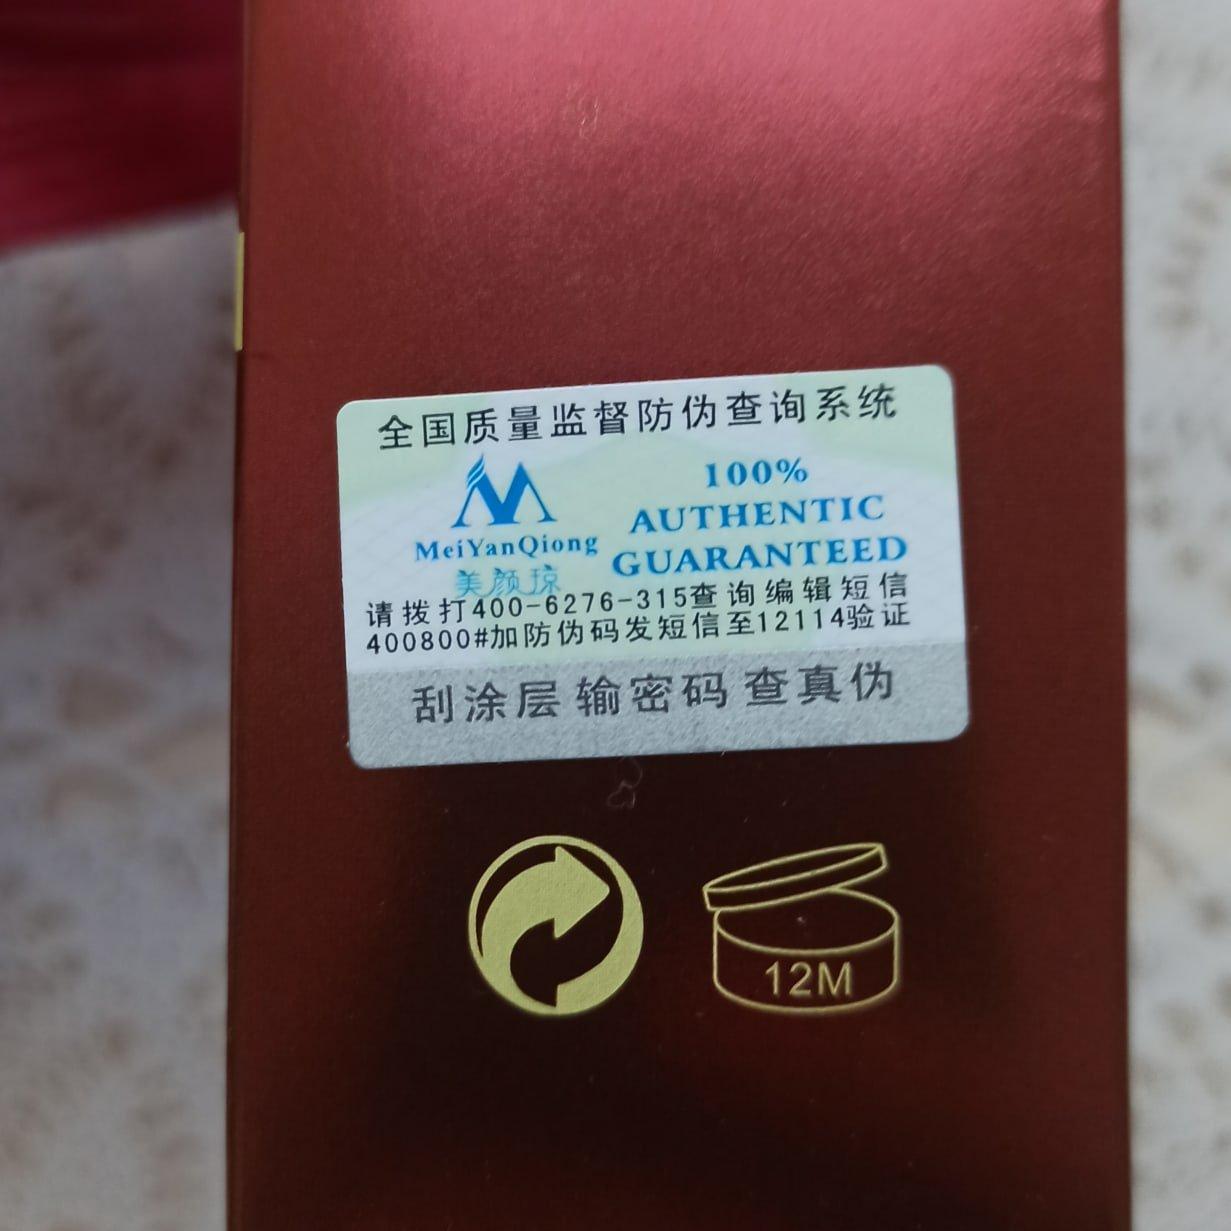 Увлажняющий крем для век от MeiYanQiong - Алиэкспресс